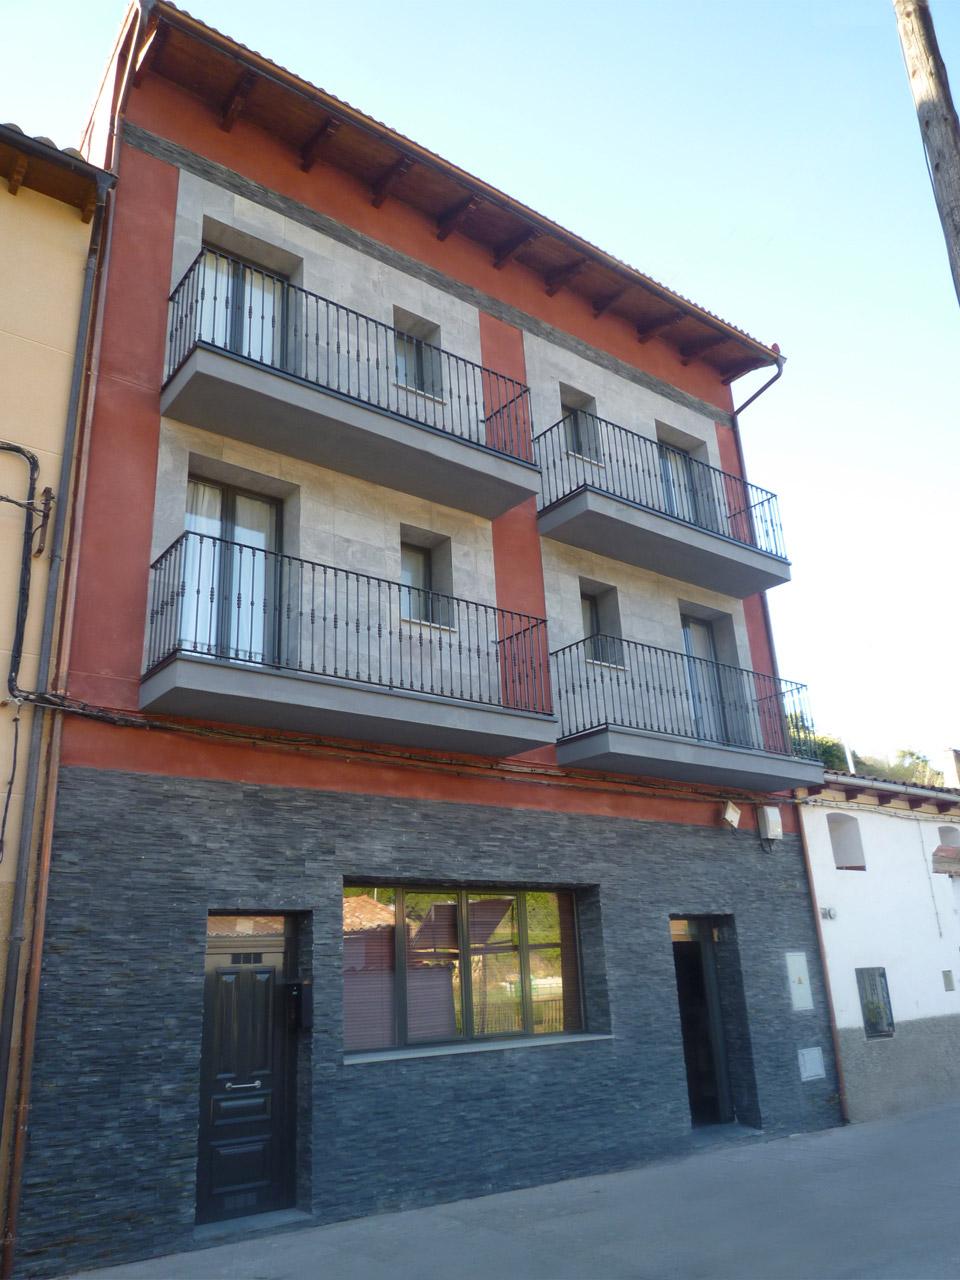 Casa rural el encanto del moncayo fachada y recepci n - Fuerteventura hoteles con encanto ...